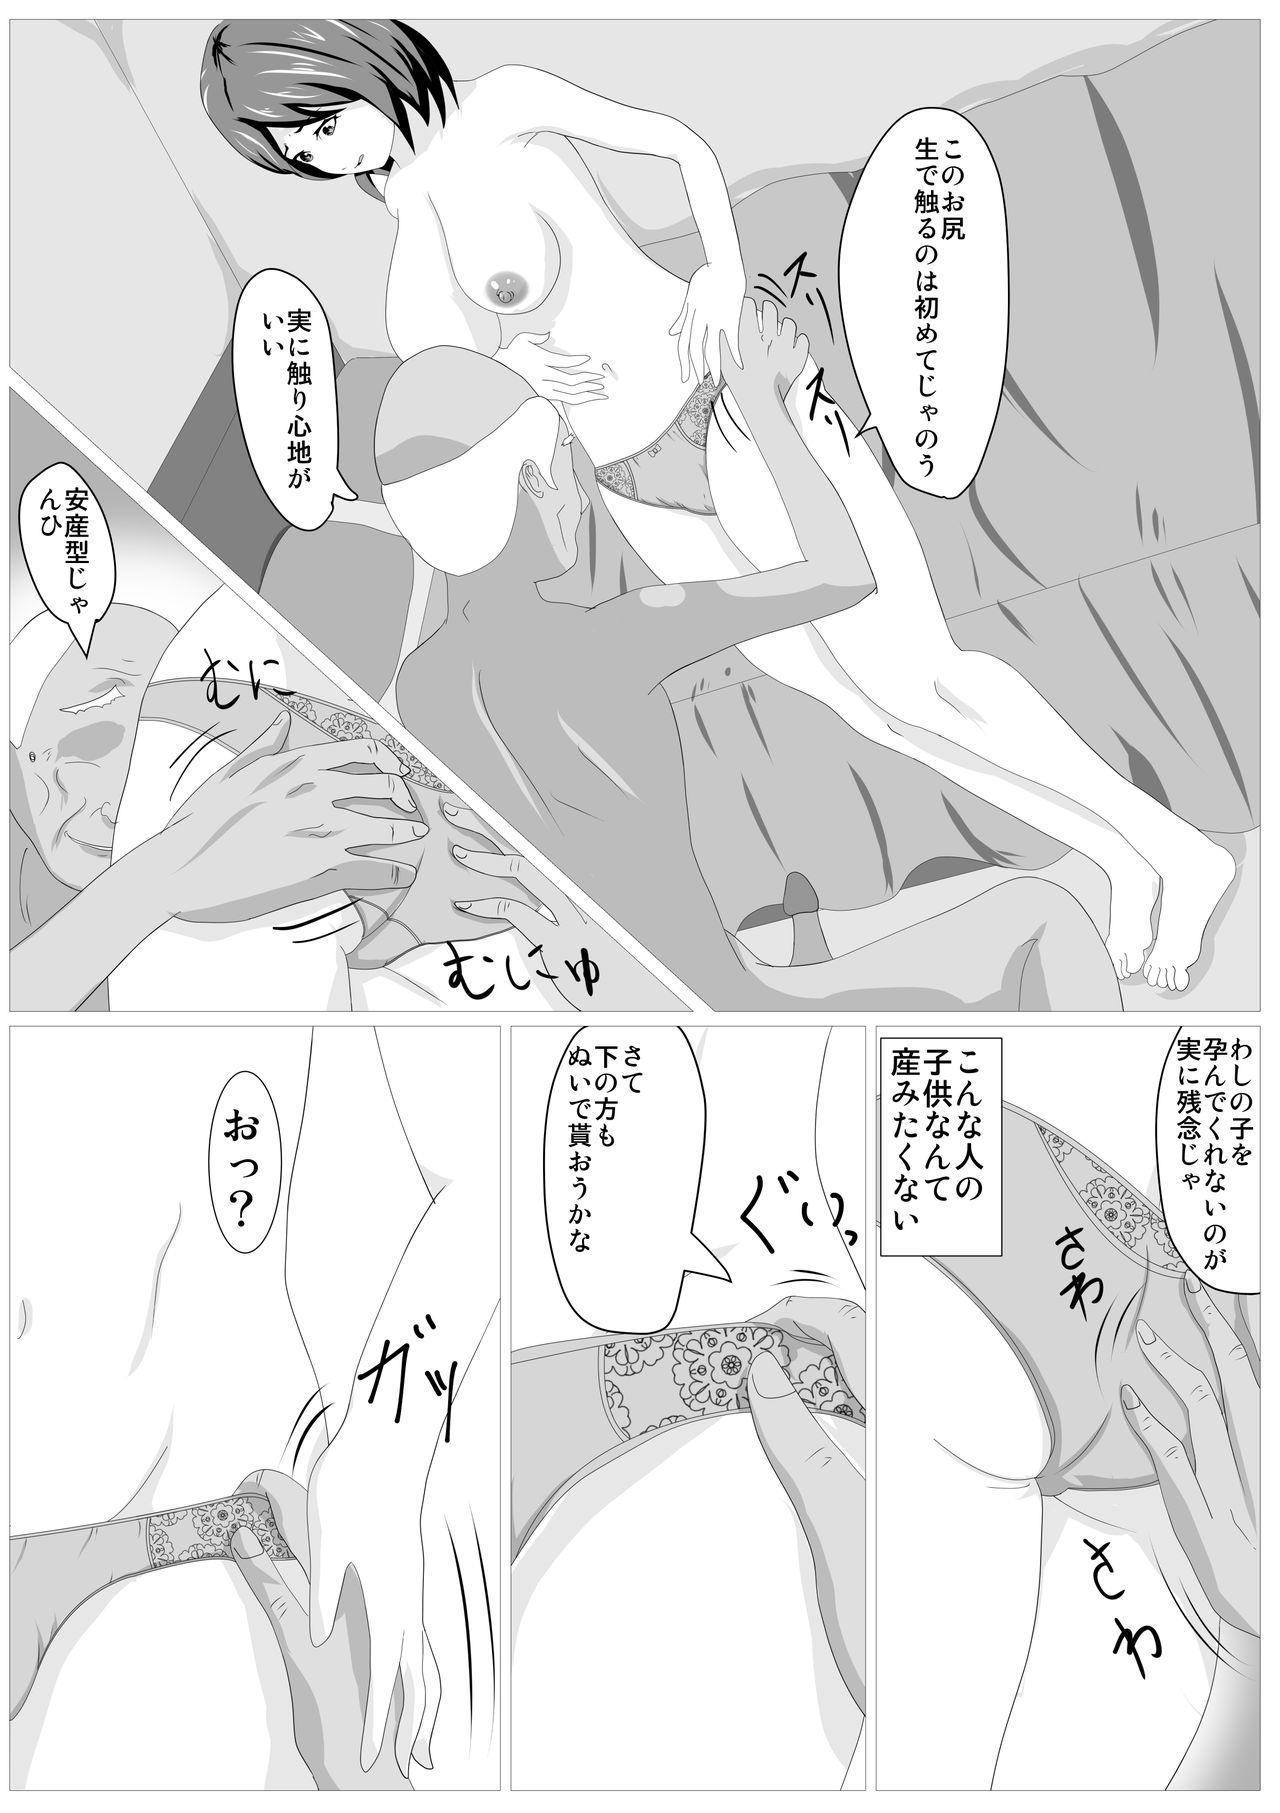 Musuko no Tamenaraba 21